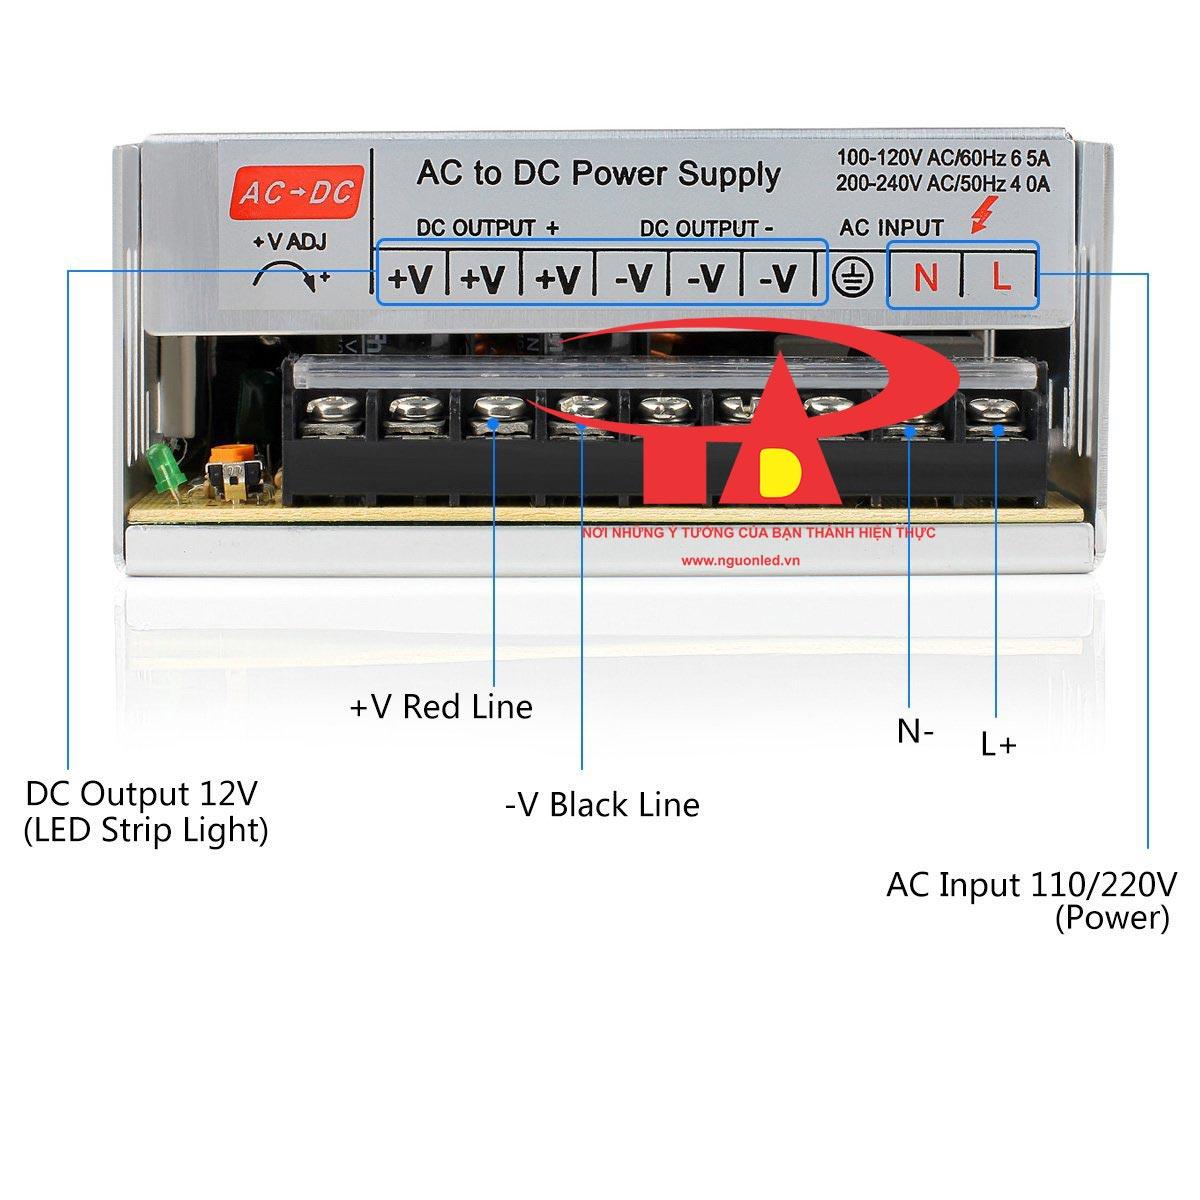 Ký hiệu Nguồn tổ ong 5V 4A loại tốt, giá rẻ, chất lượng, đủ ampe, dùng cho camera, đèn led, nguonled.vn